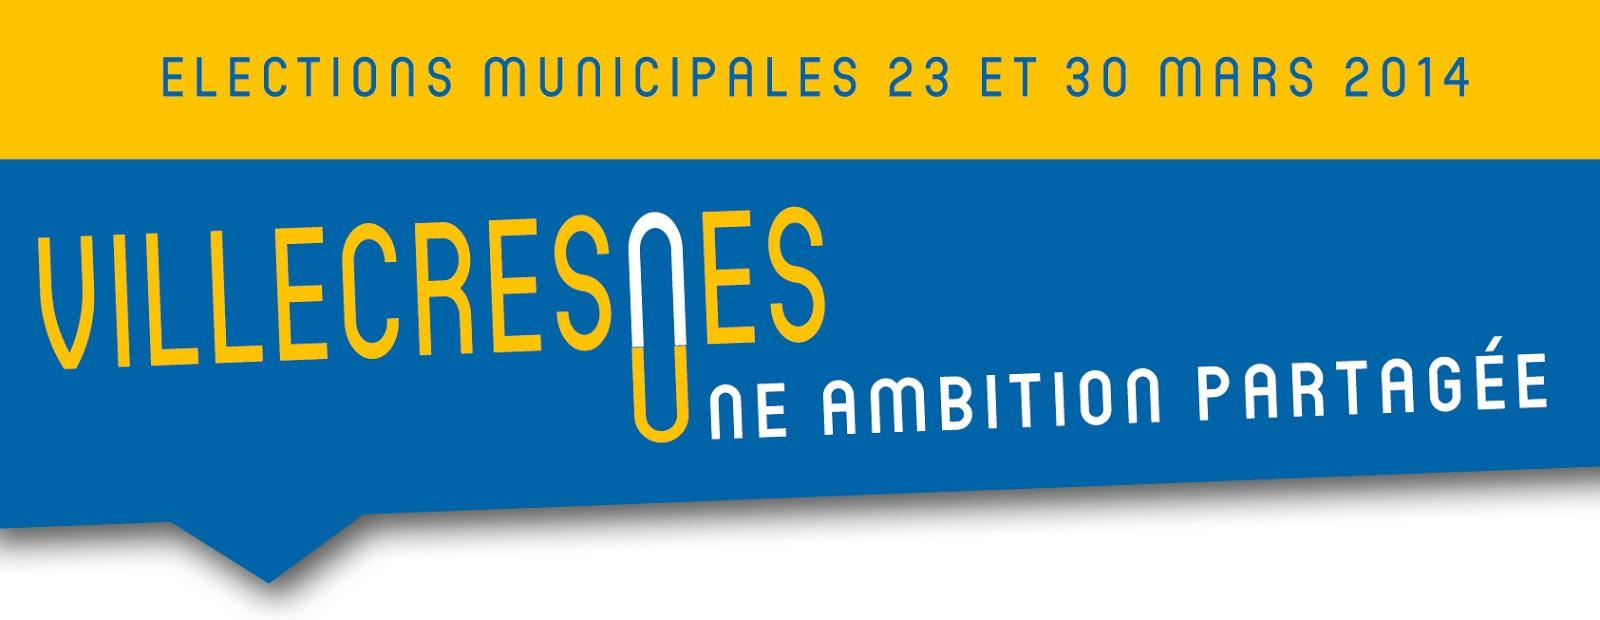 Retrouvez les anciens articles de la campagne des élections municipales de Villecresnes 2014